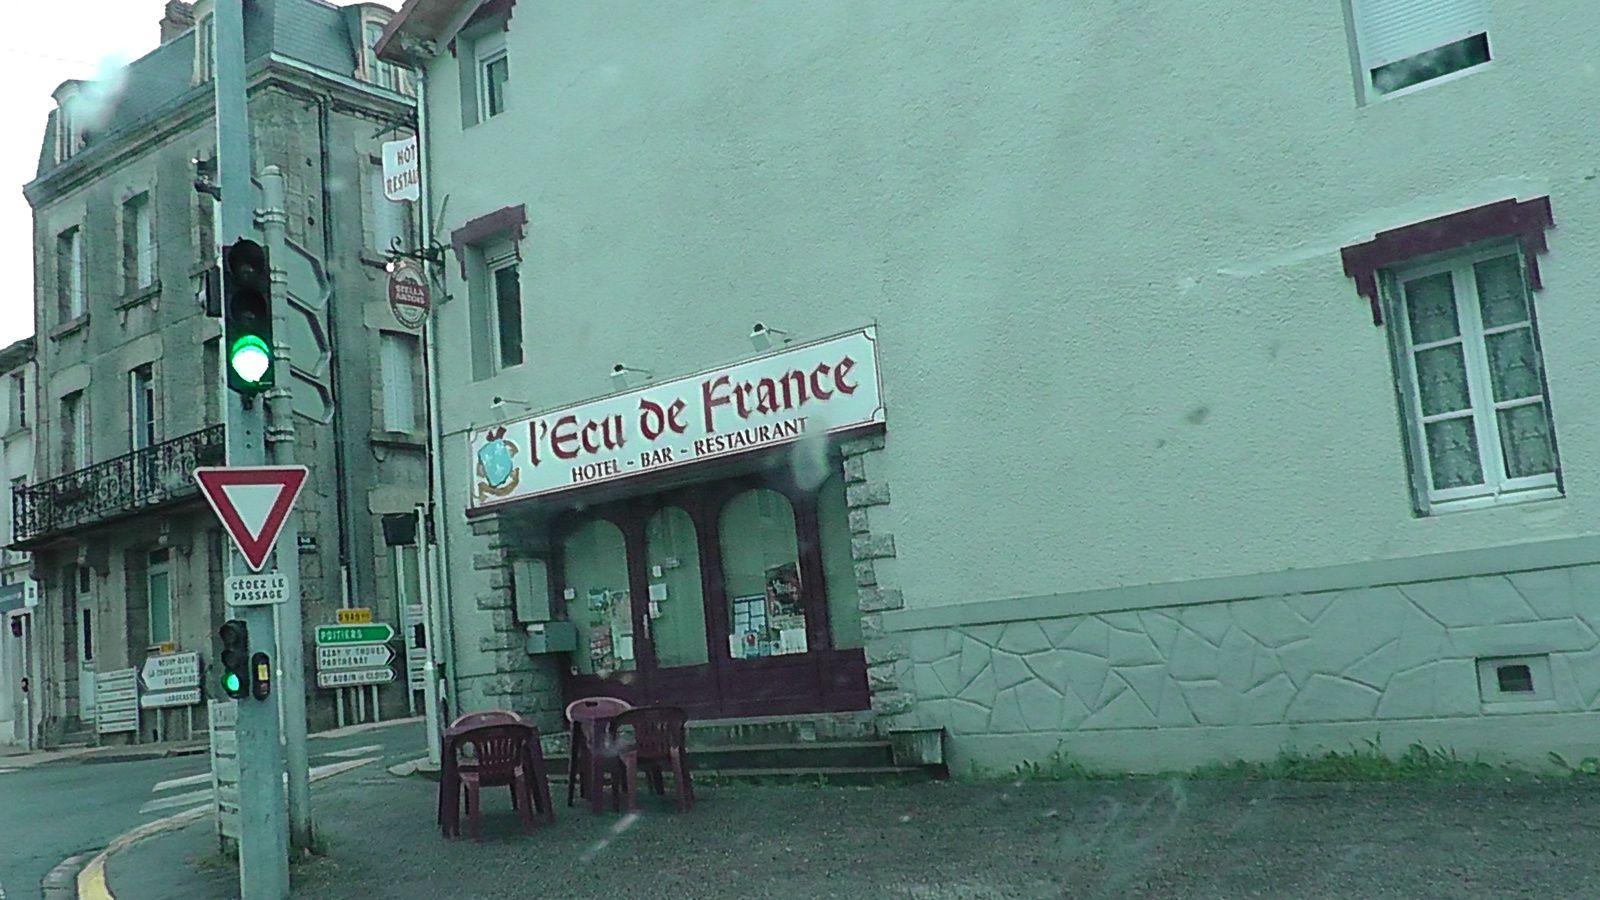 Un bar à Secondigny, la terrasse au pied du feu tricolore. Que boire de sérieux ici ?